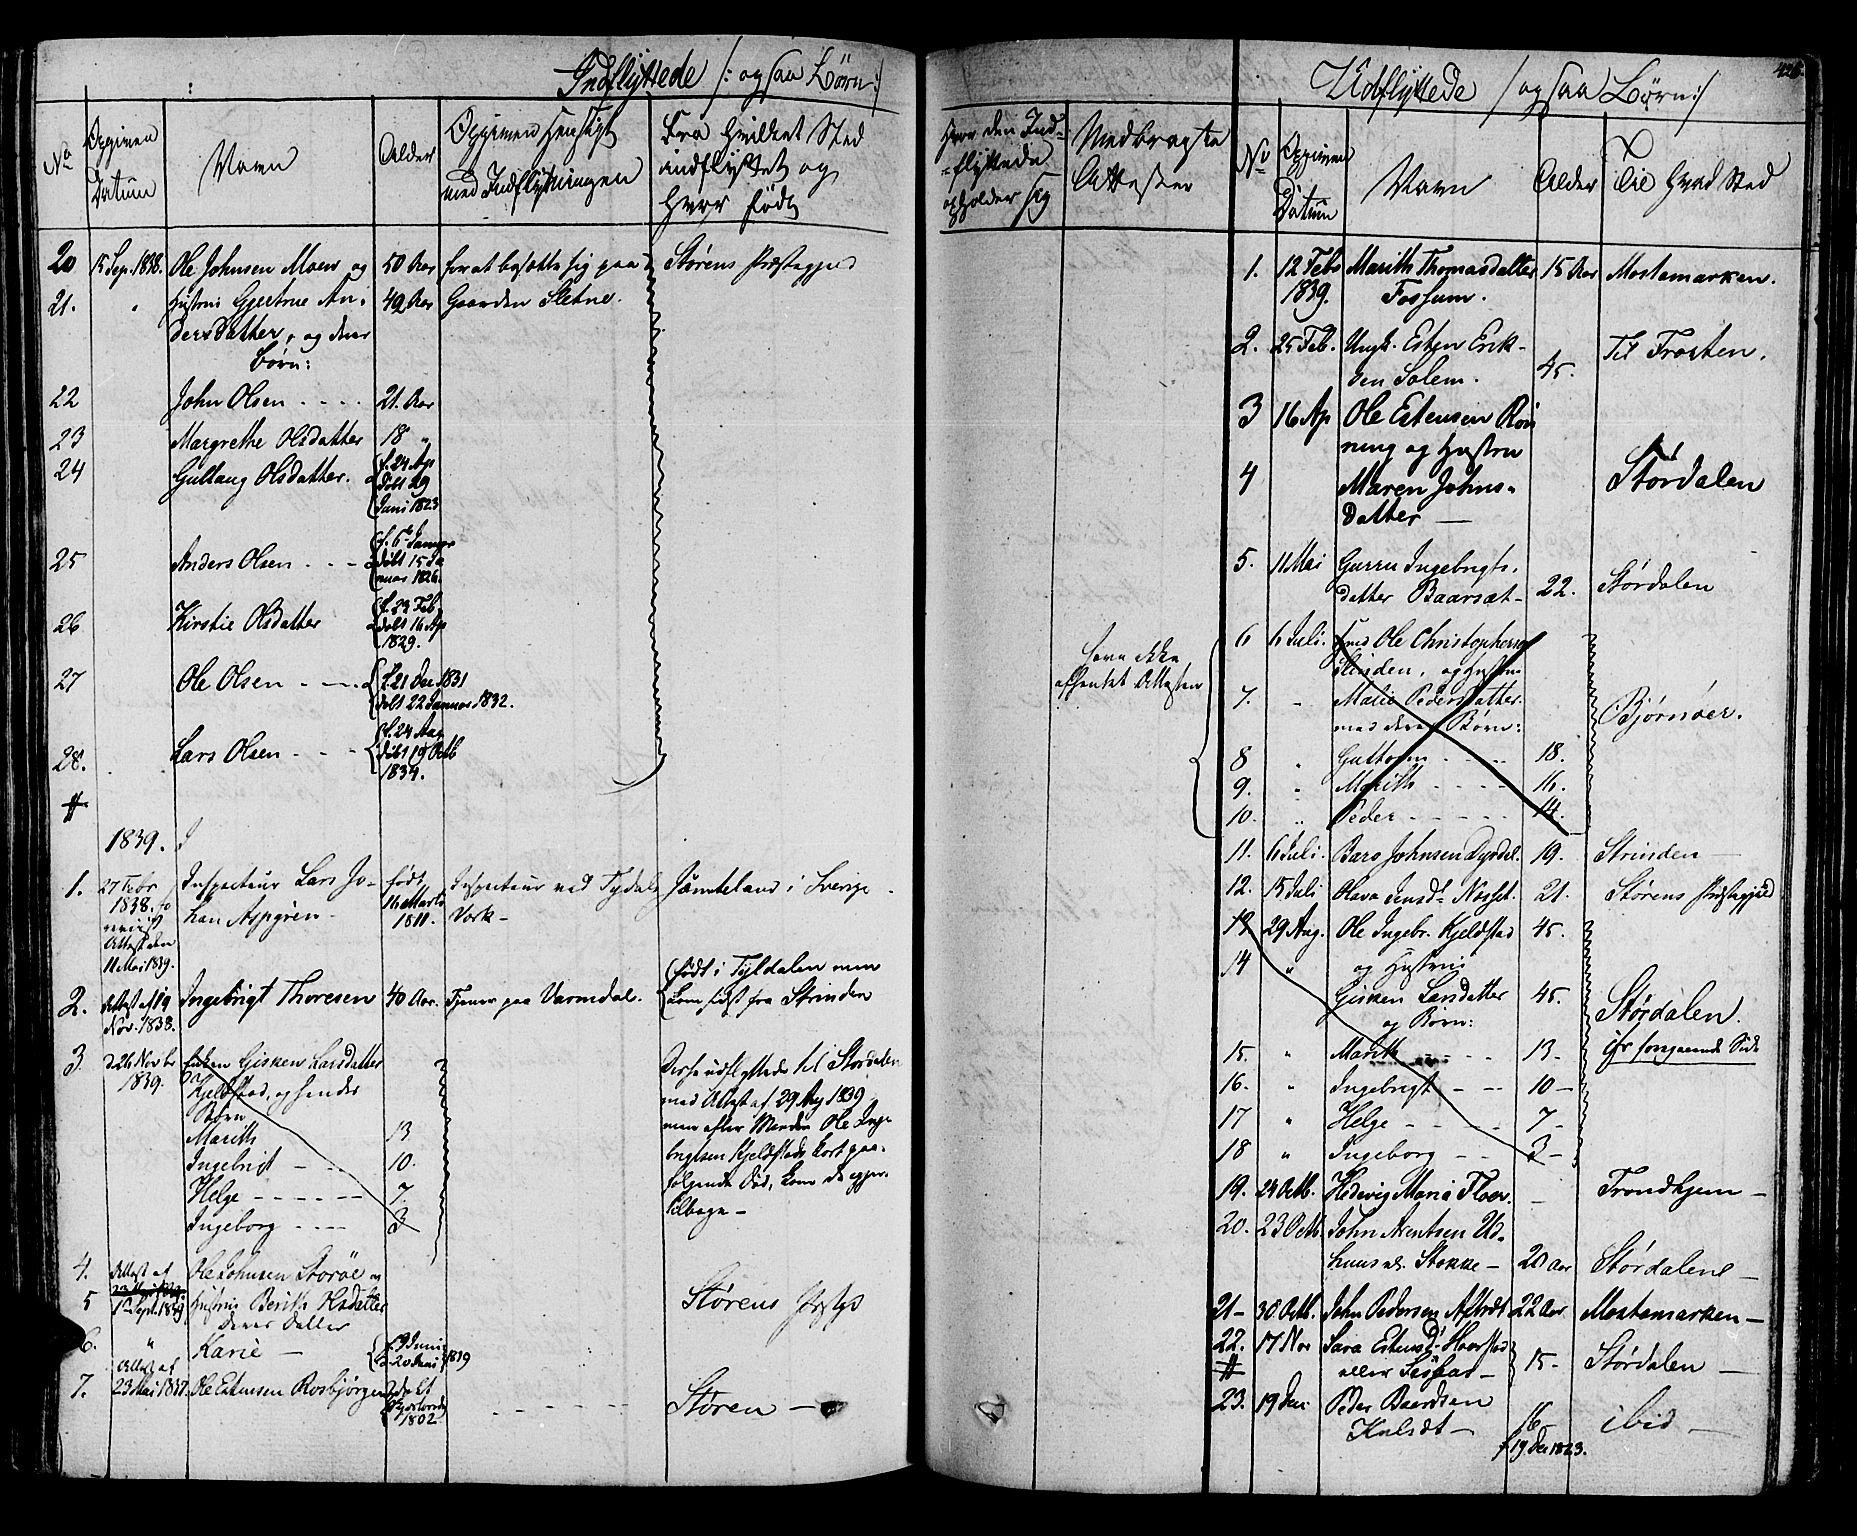 SAT, Ministerialprotokoller, klokkerbøker og fødselsregistre - Sør-Trøndelag, 695/L1143: Ministerialbok nr. 695A05 /1, 1824-1842, s. 425